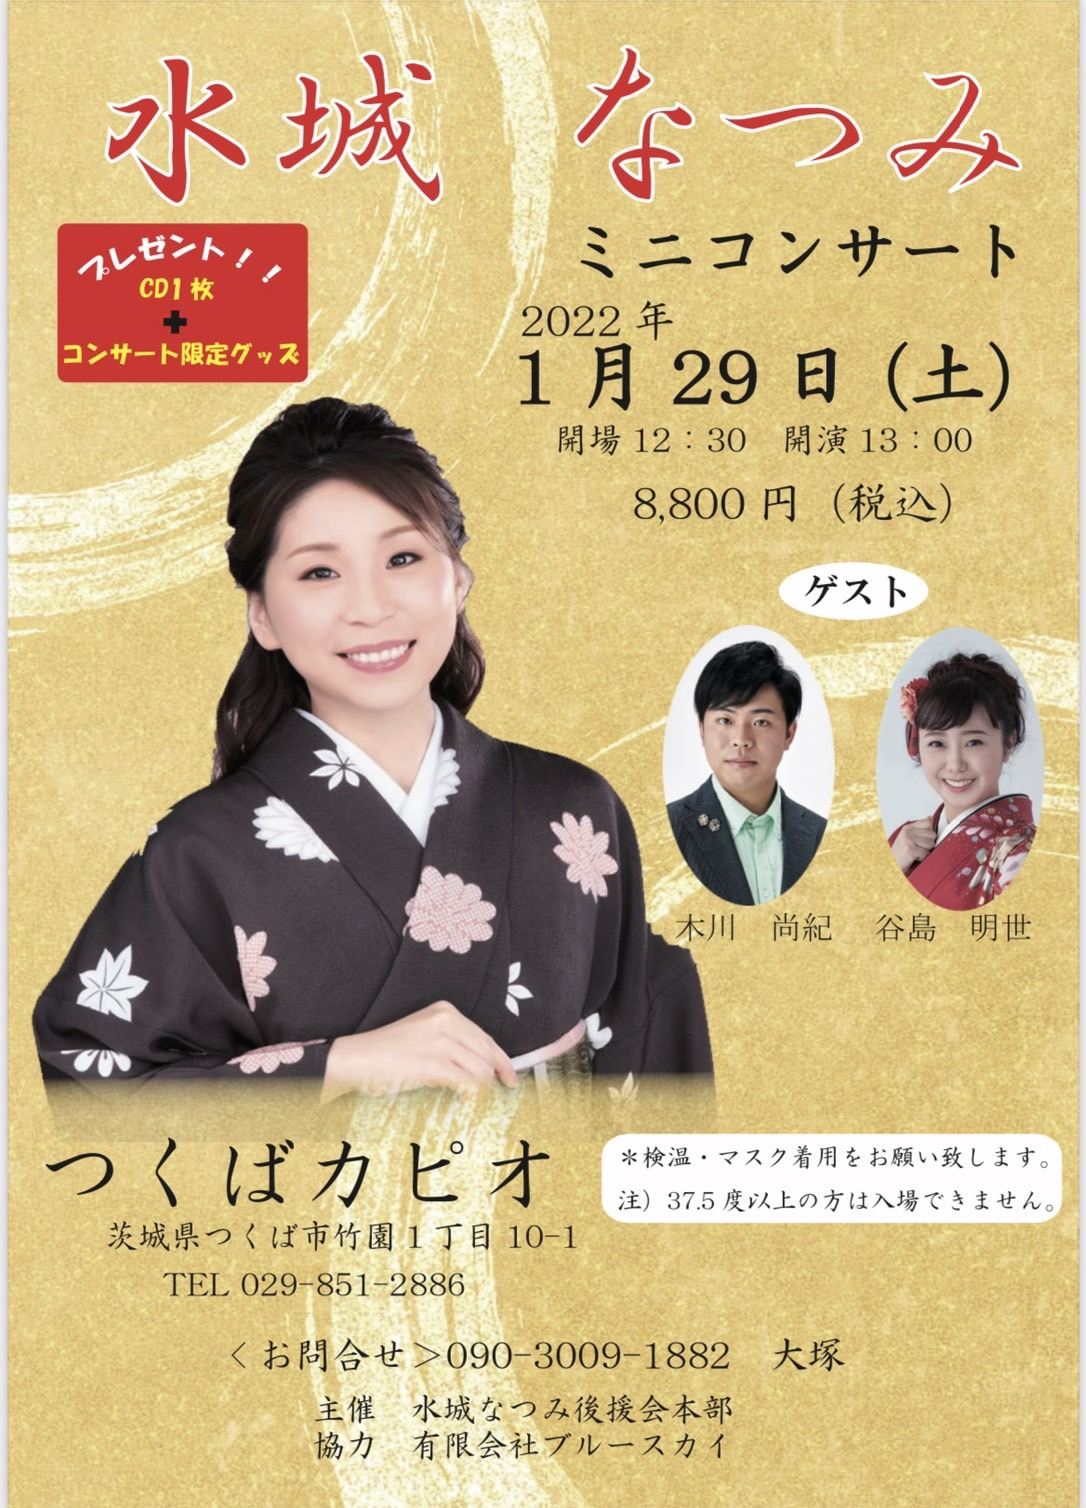 水城なつみ ミニコンサート 2022年1月29日